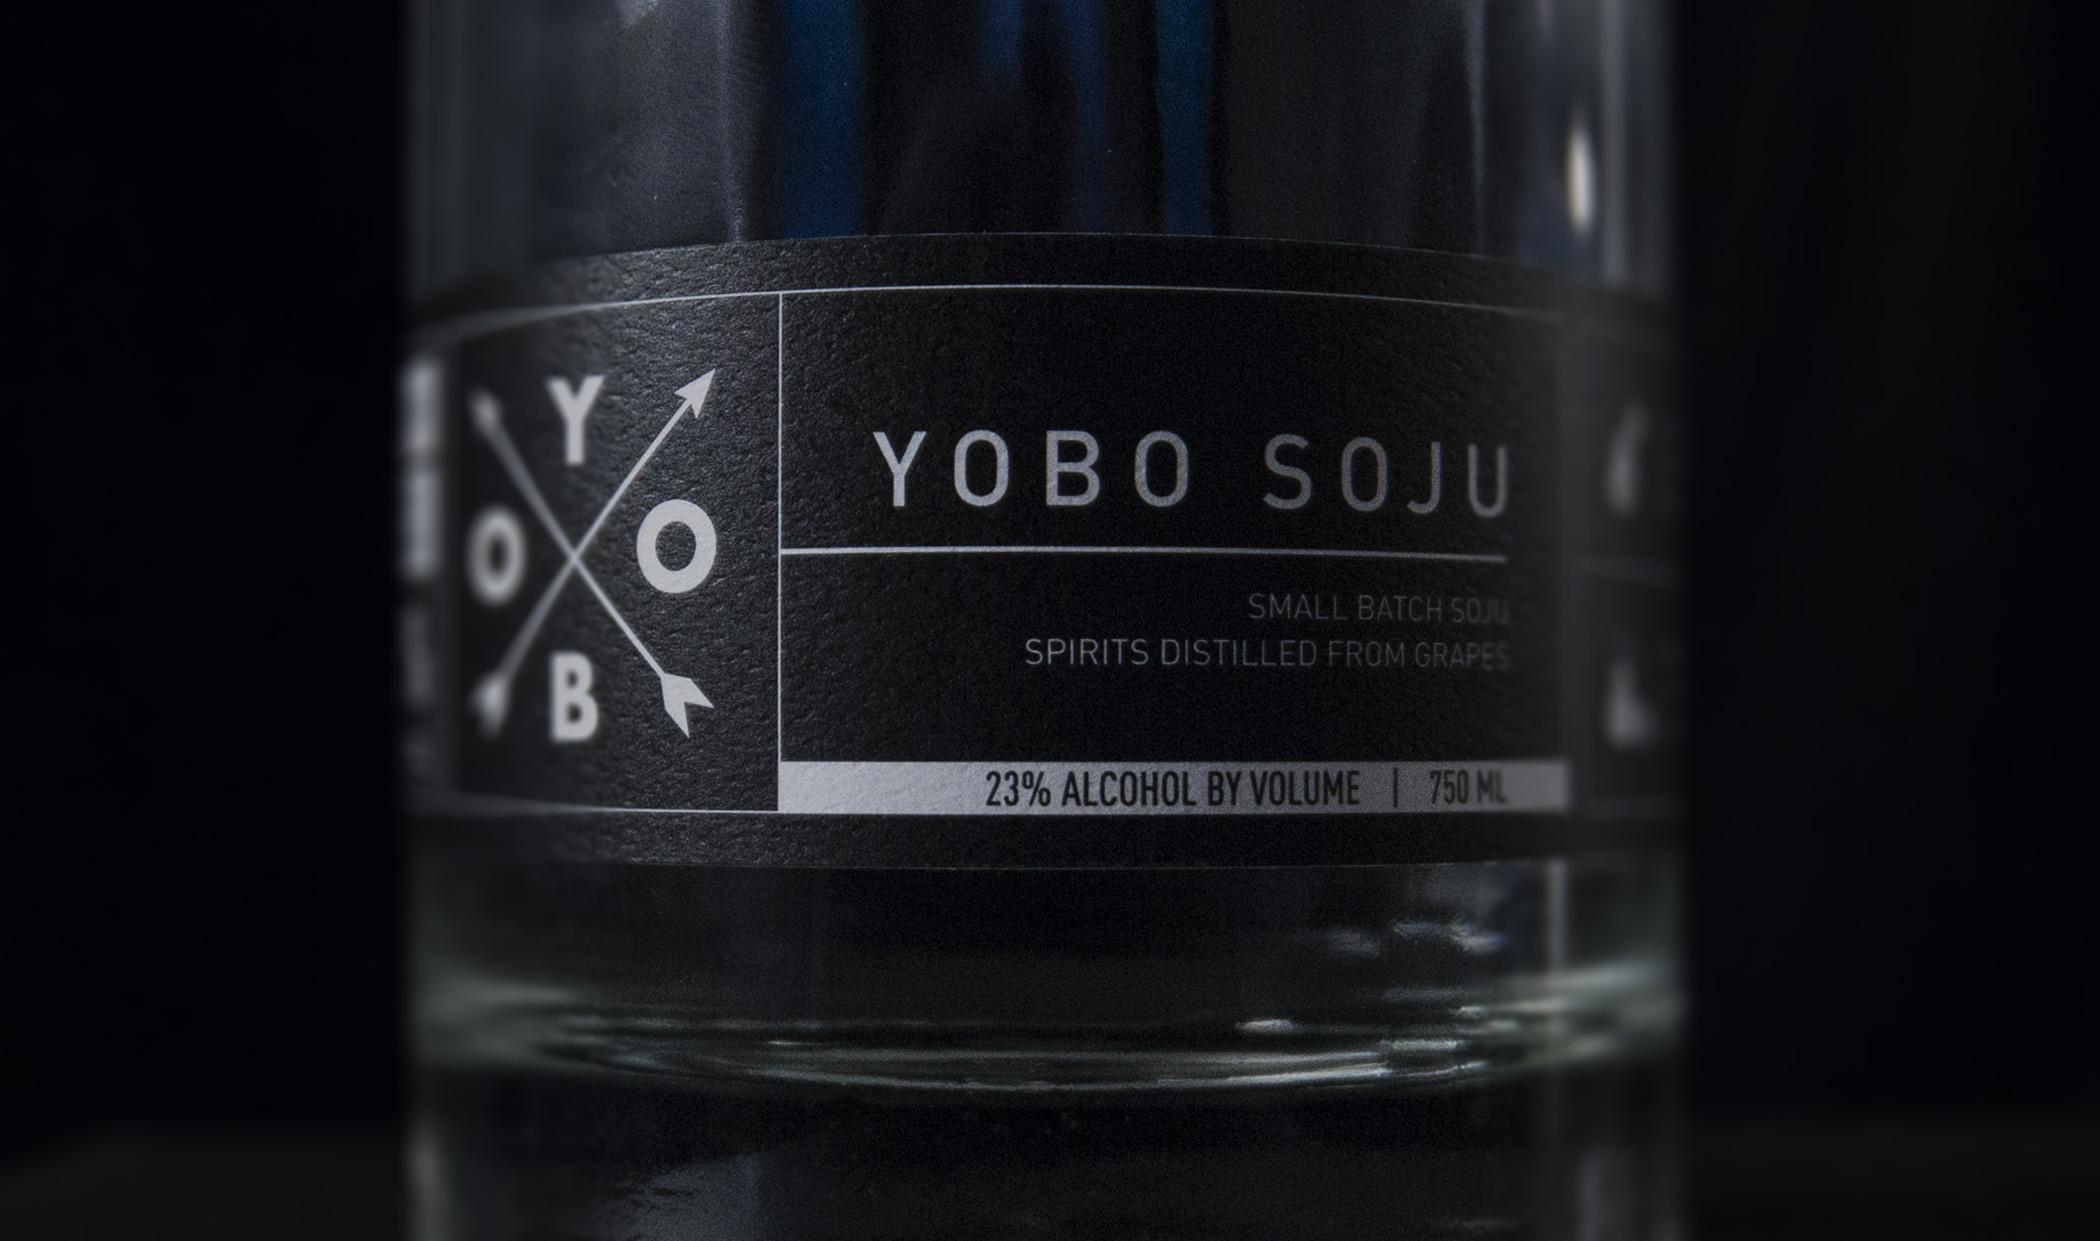 Yobo Soju | PalmBay